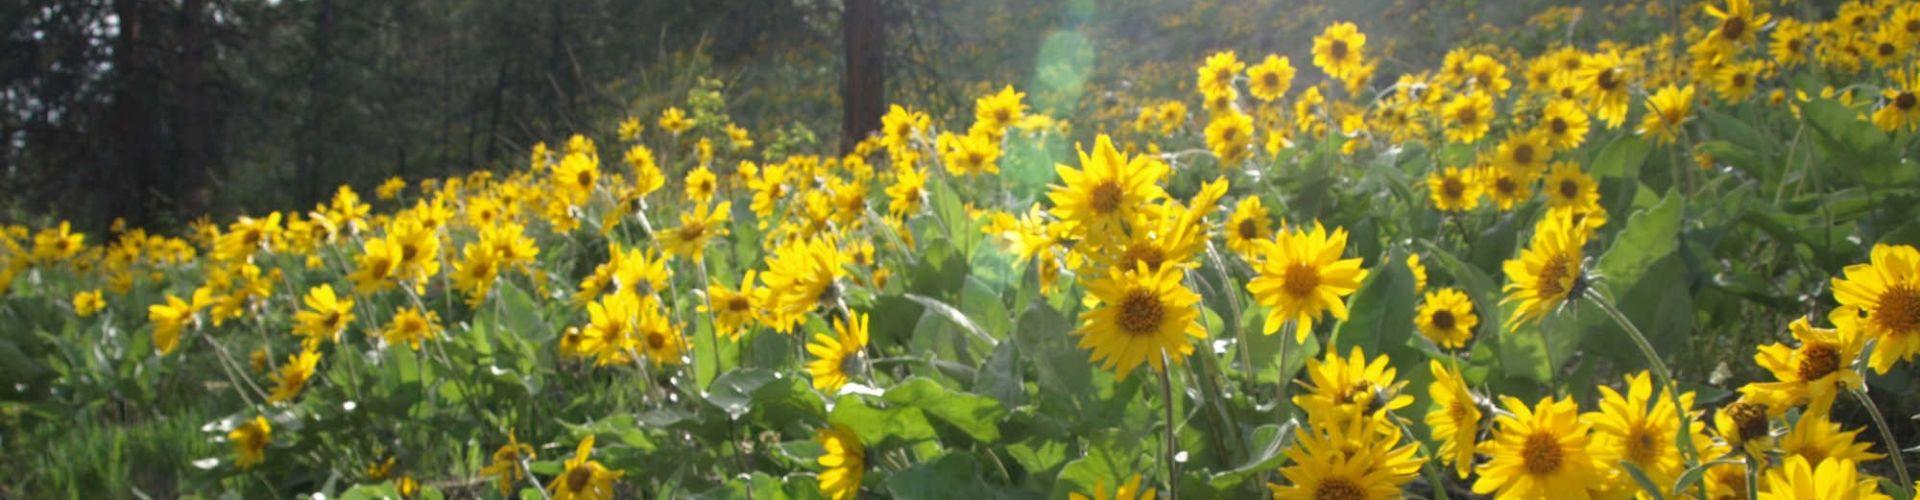 arrowleaf balsamroot flower